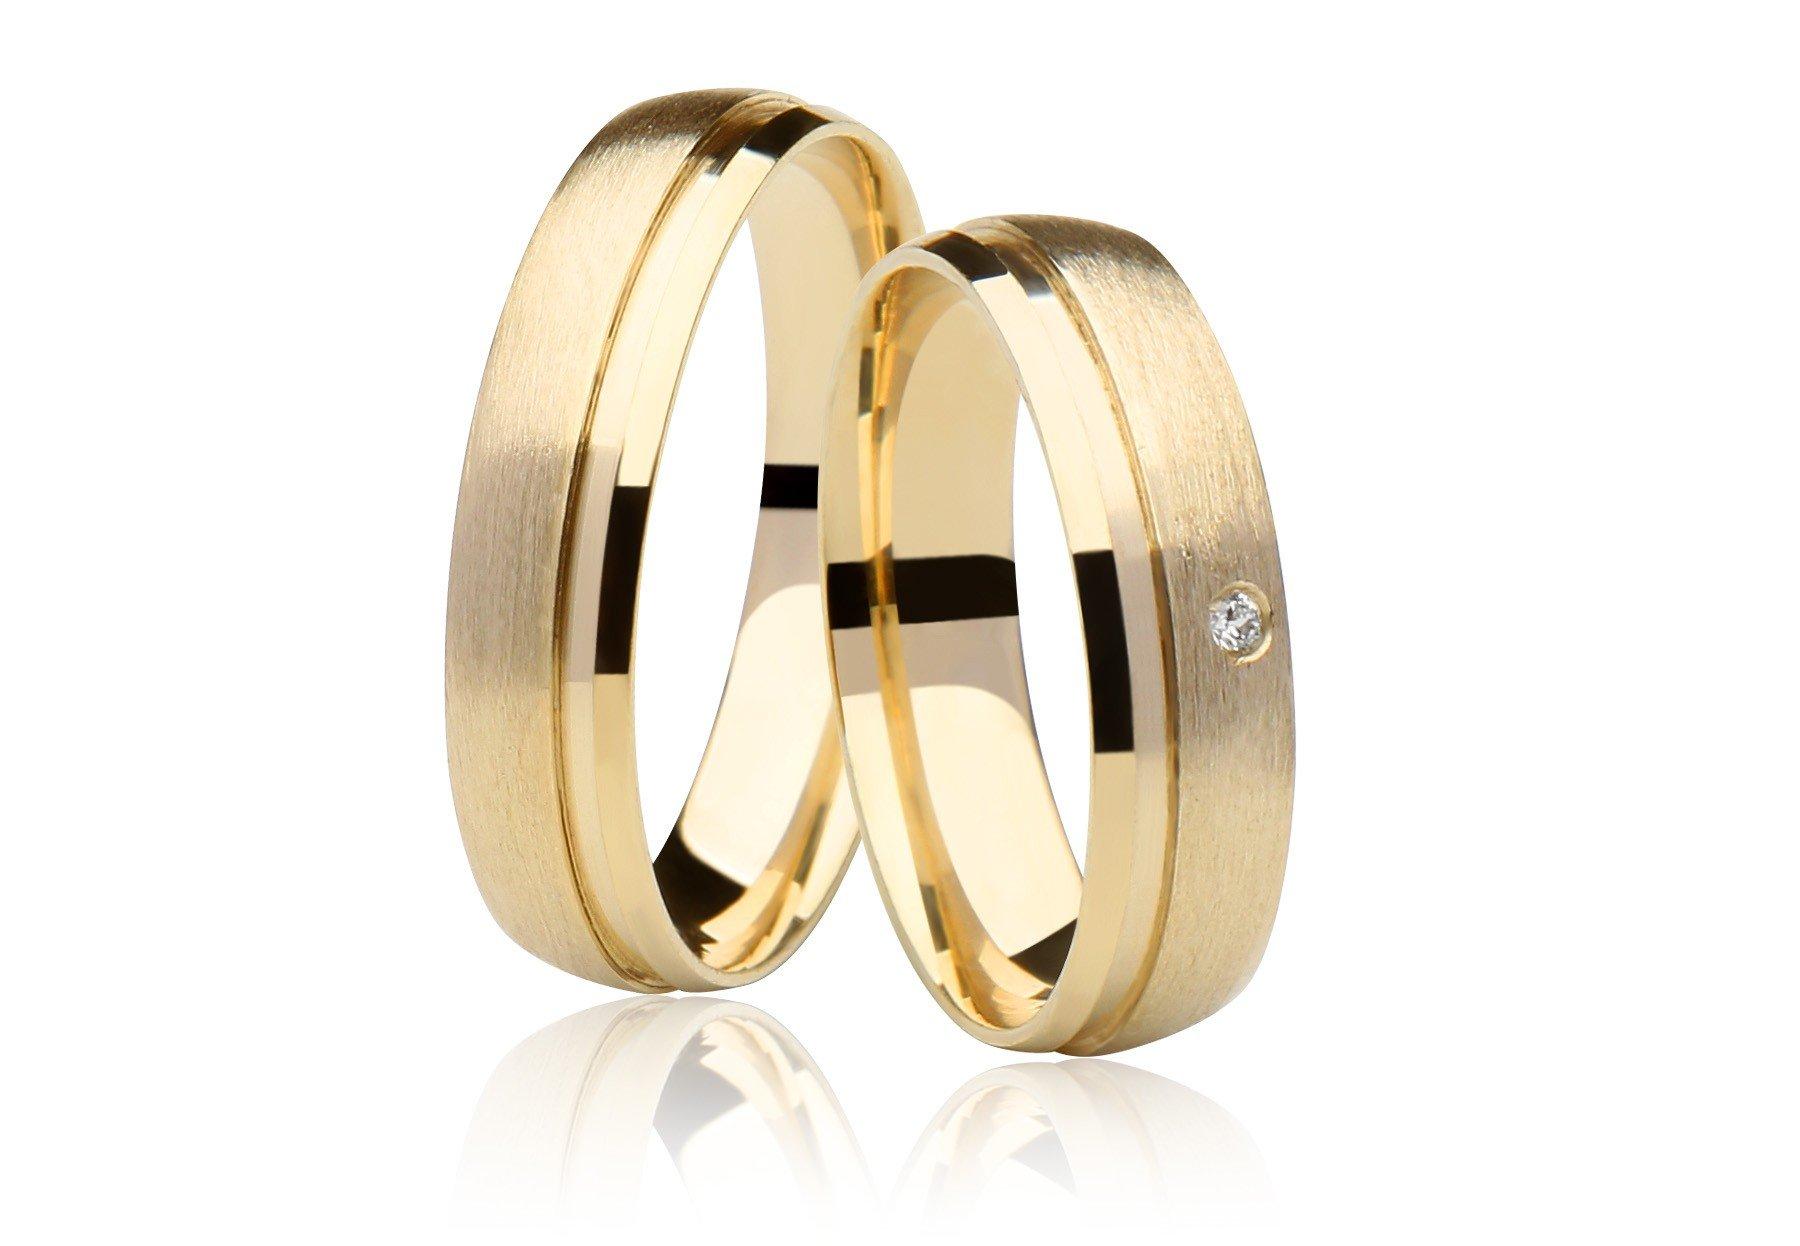 Aliança Casamento de Ouro 18k Fosco e Diamante - Unitária (4.75mm)